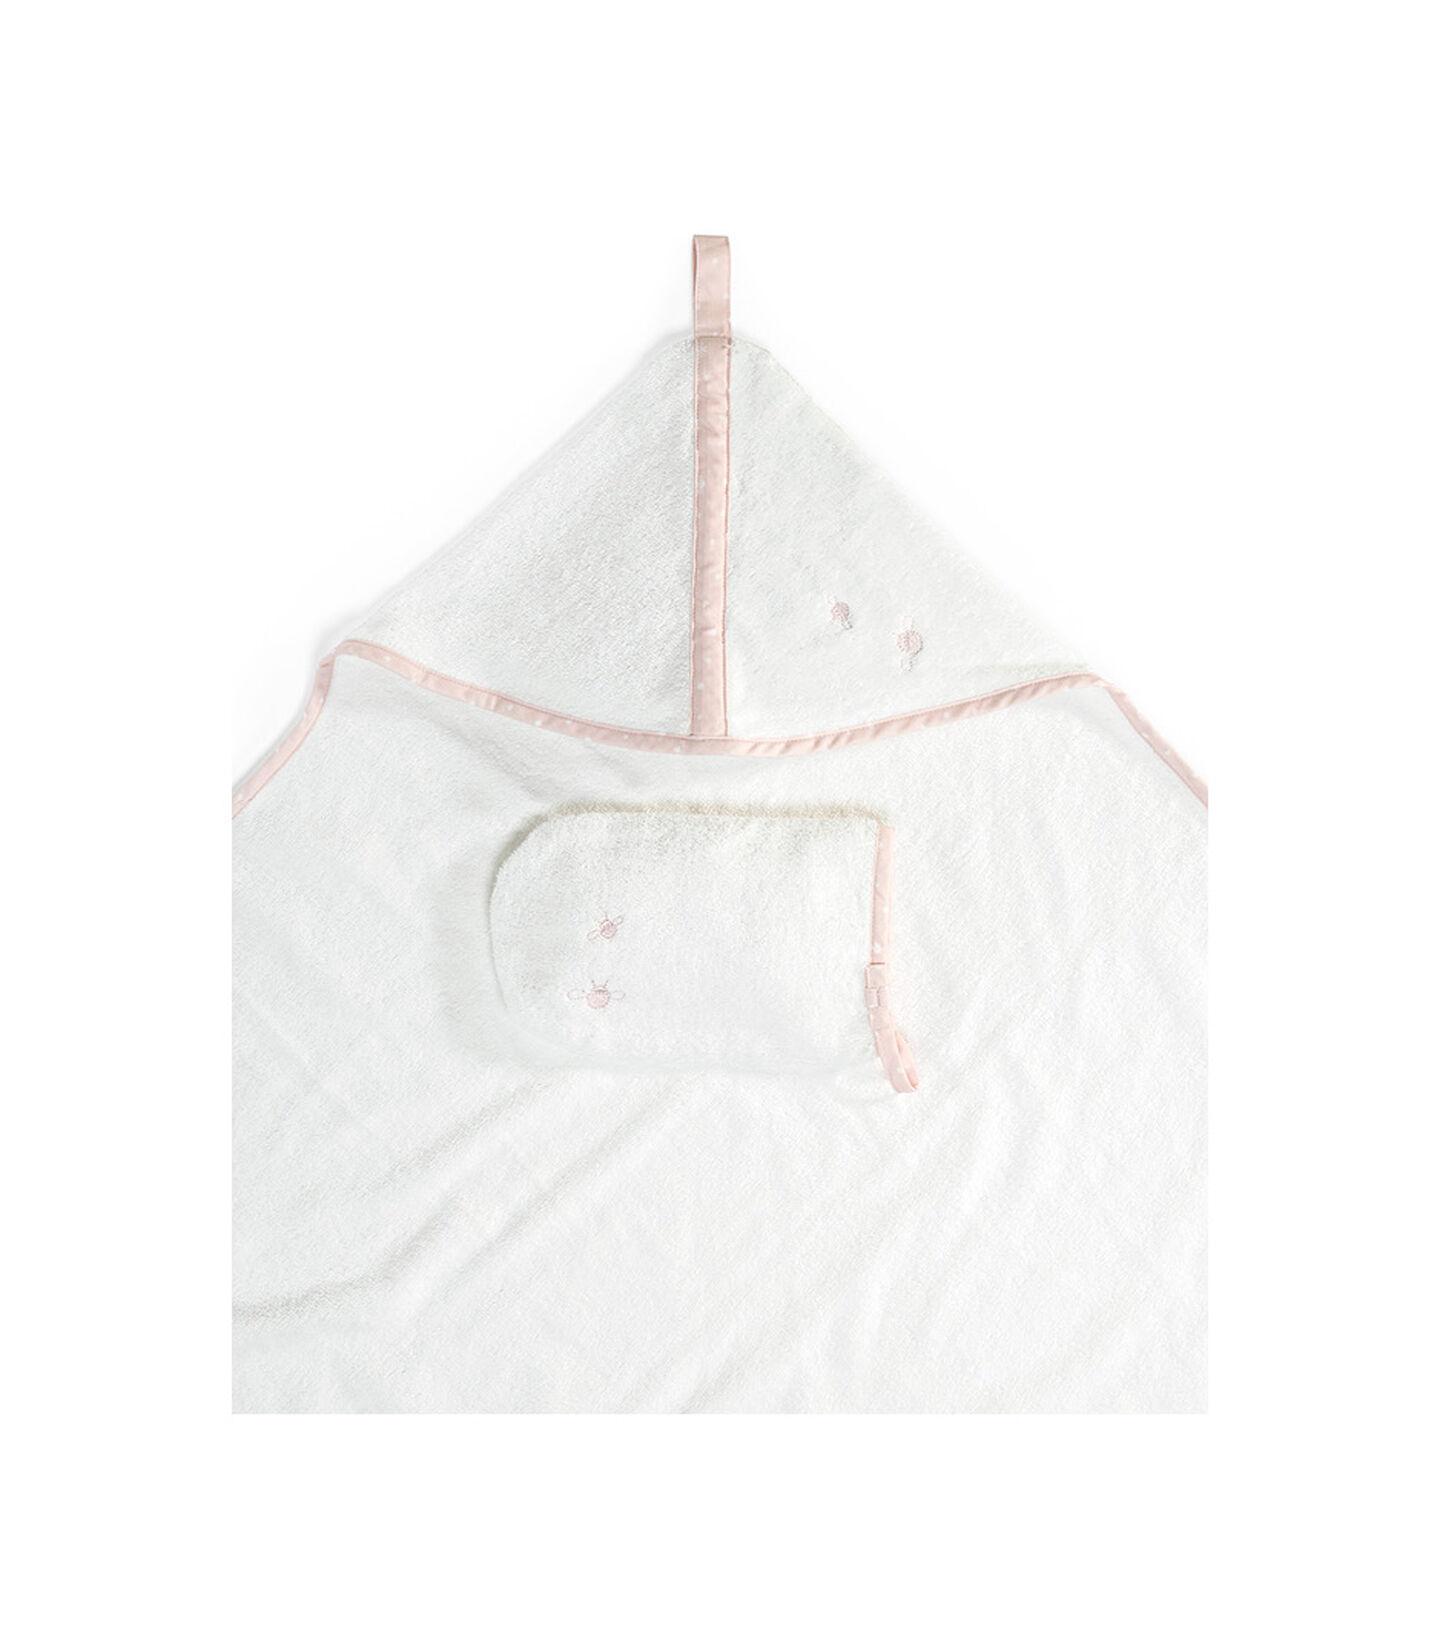 Stokke® Hooded Towel Pink Bee, Pink Bee, mainview view 1